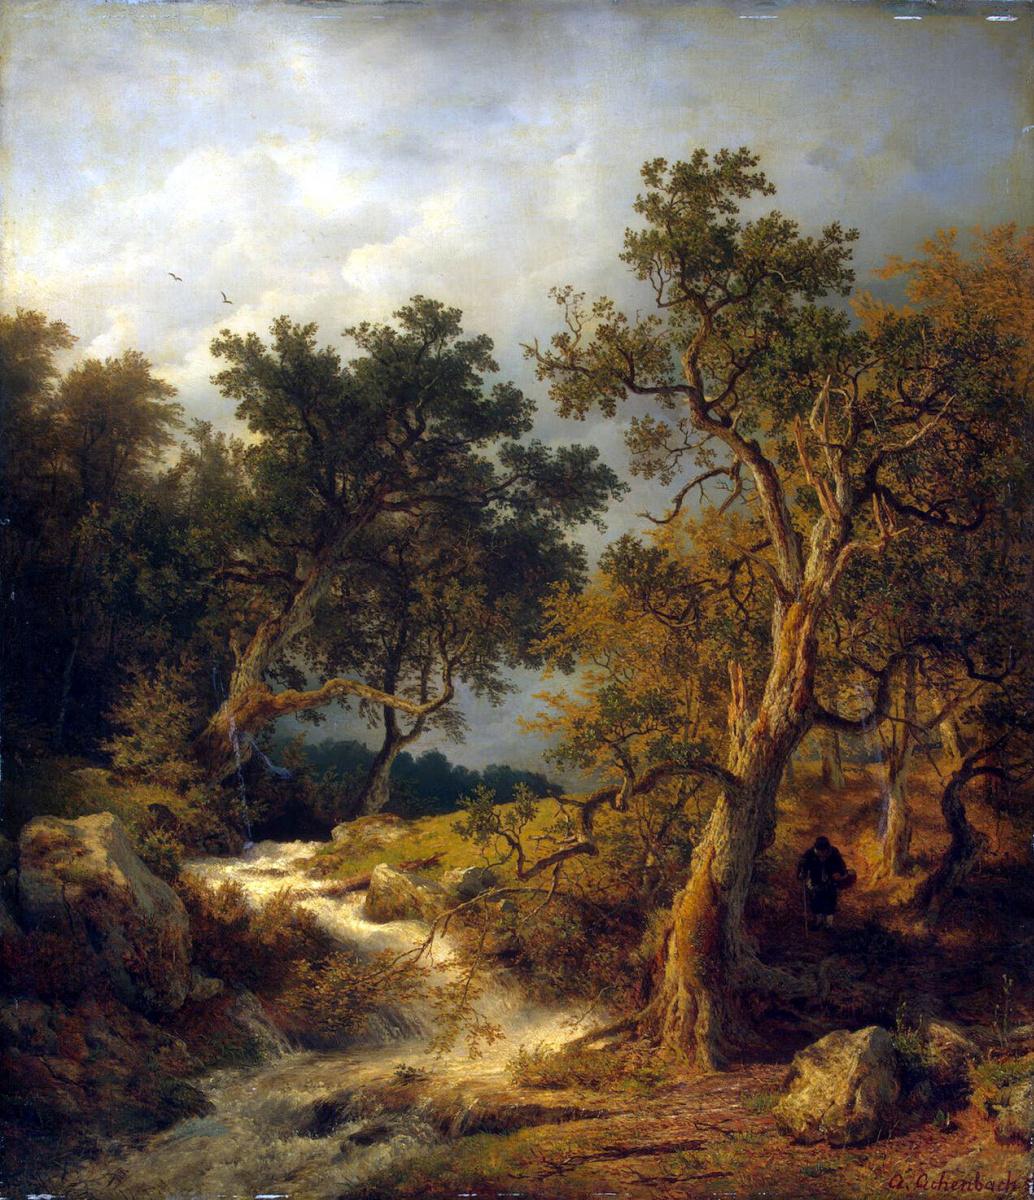 Андреас Ахенбах. Пейзаж с ручьем